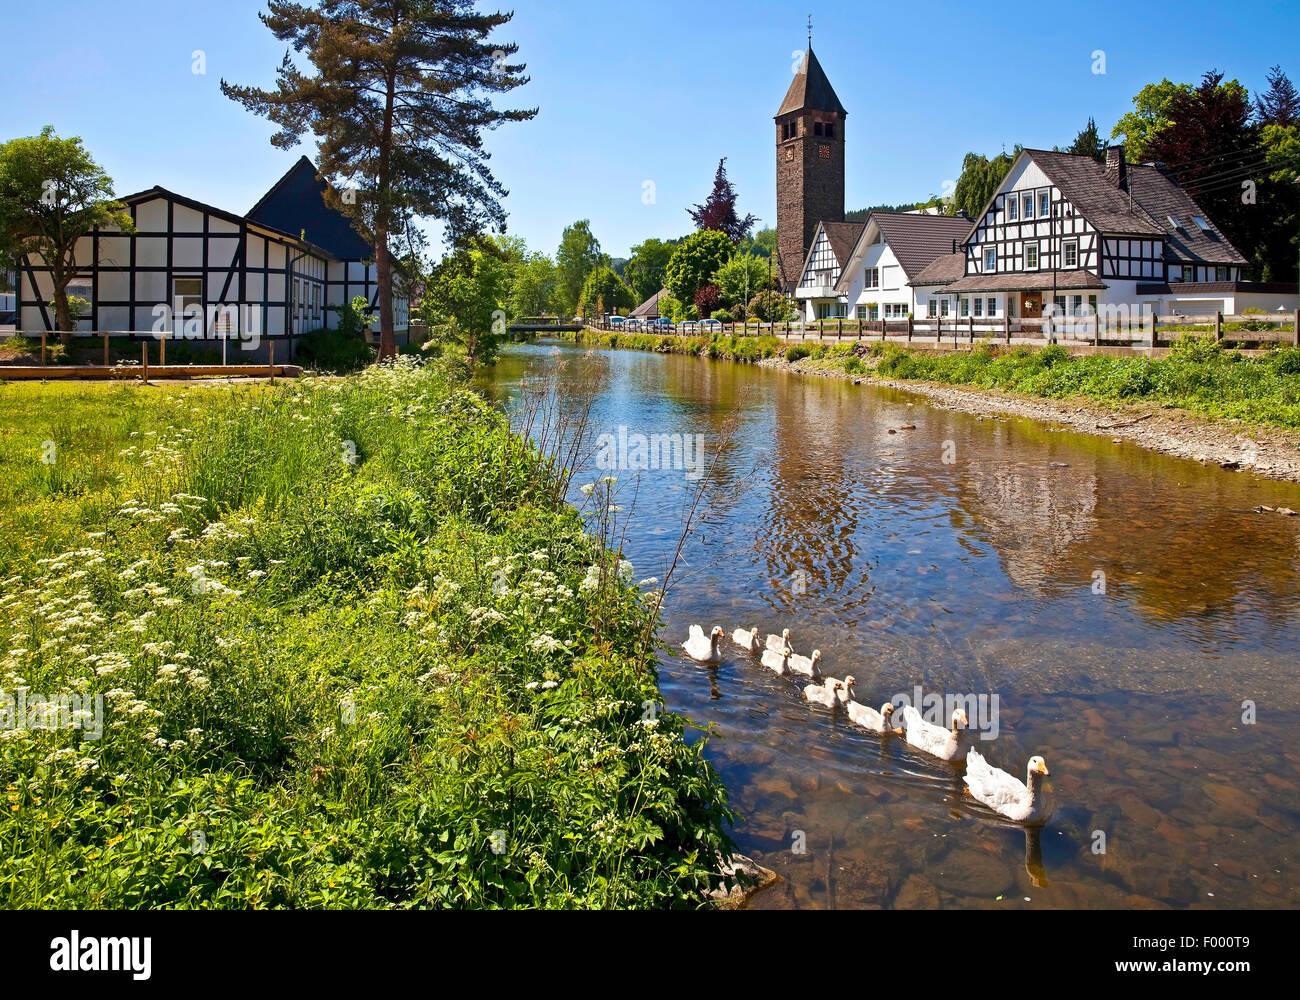 Fluss Lenne Bezirk Saalhausen, Deutschland, Nordrhein-Westfalen, Sauerland, Lennestadt Stockbild